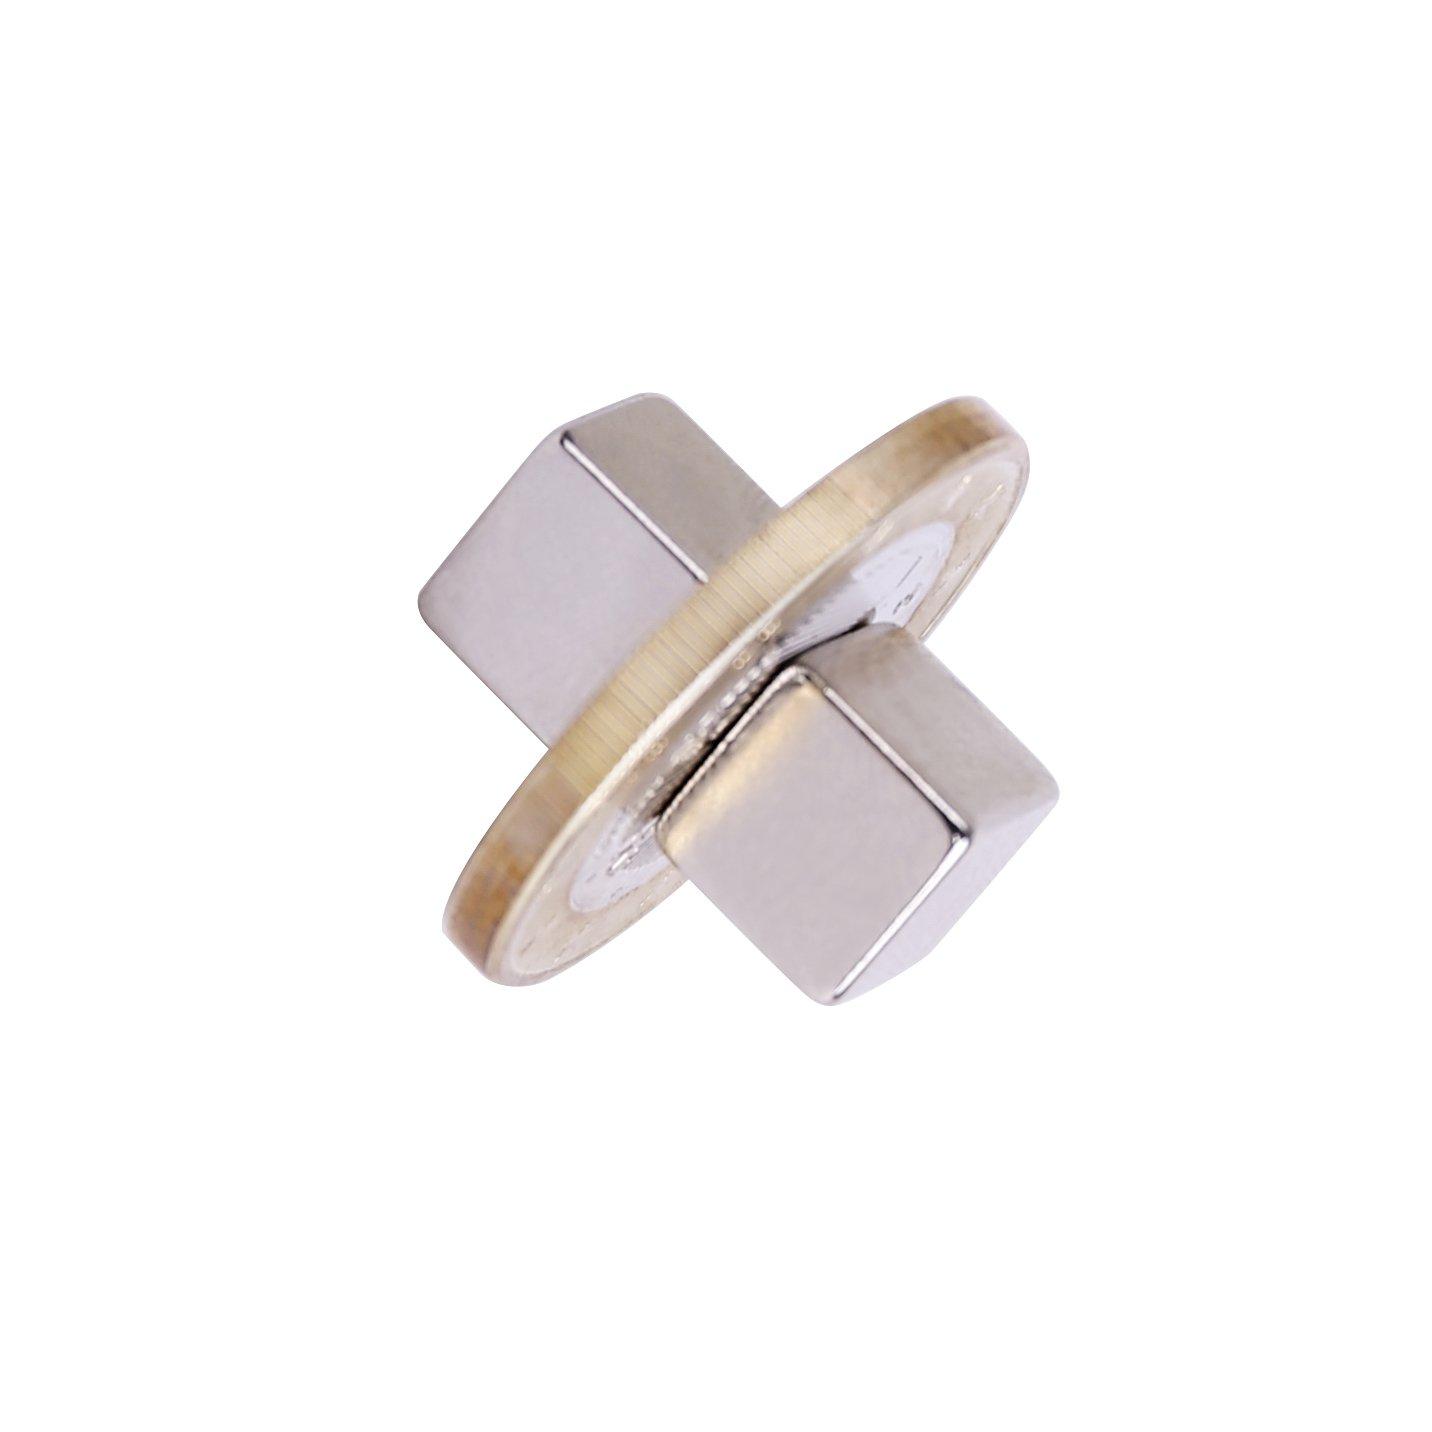 20 pieza Neodimio Imán 8x8x8 mm cubo Extrem Fuerte 2,5 kg de fuerza (Pack de 20) Magenesis® MGNT05-20